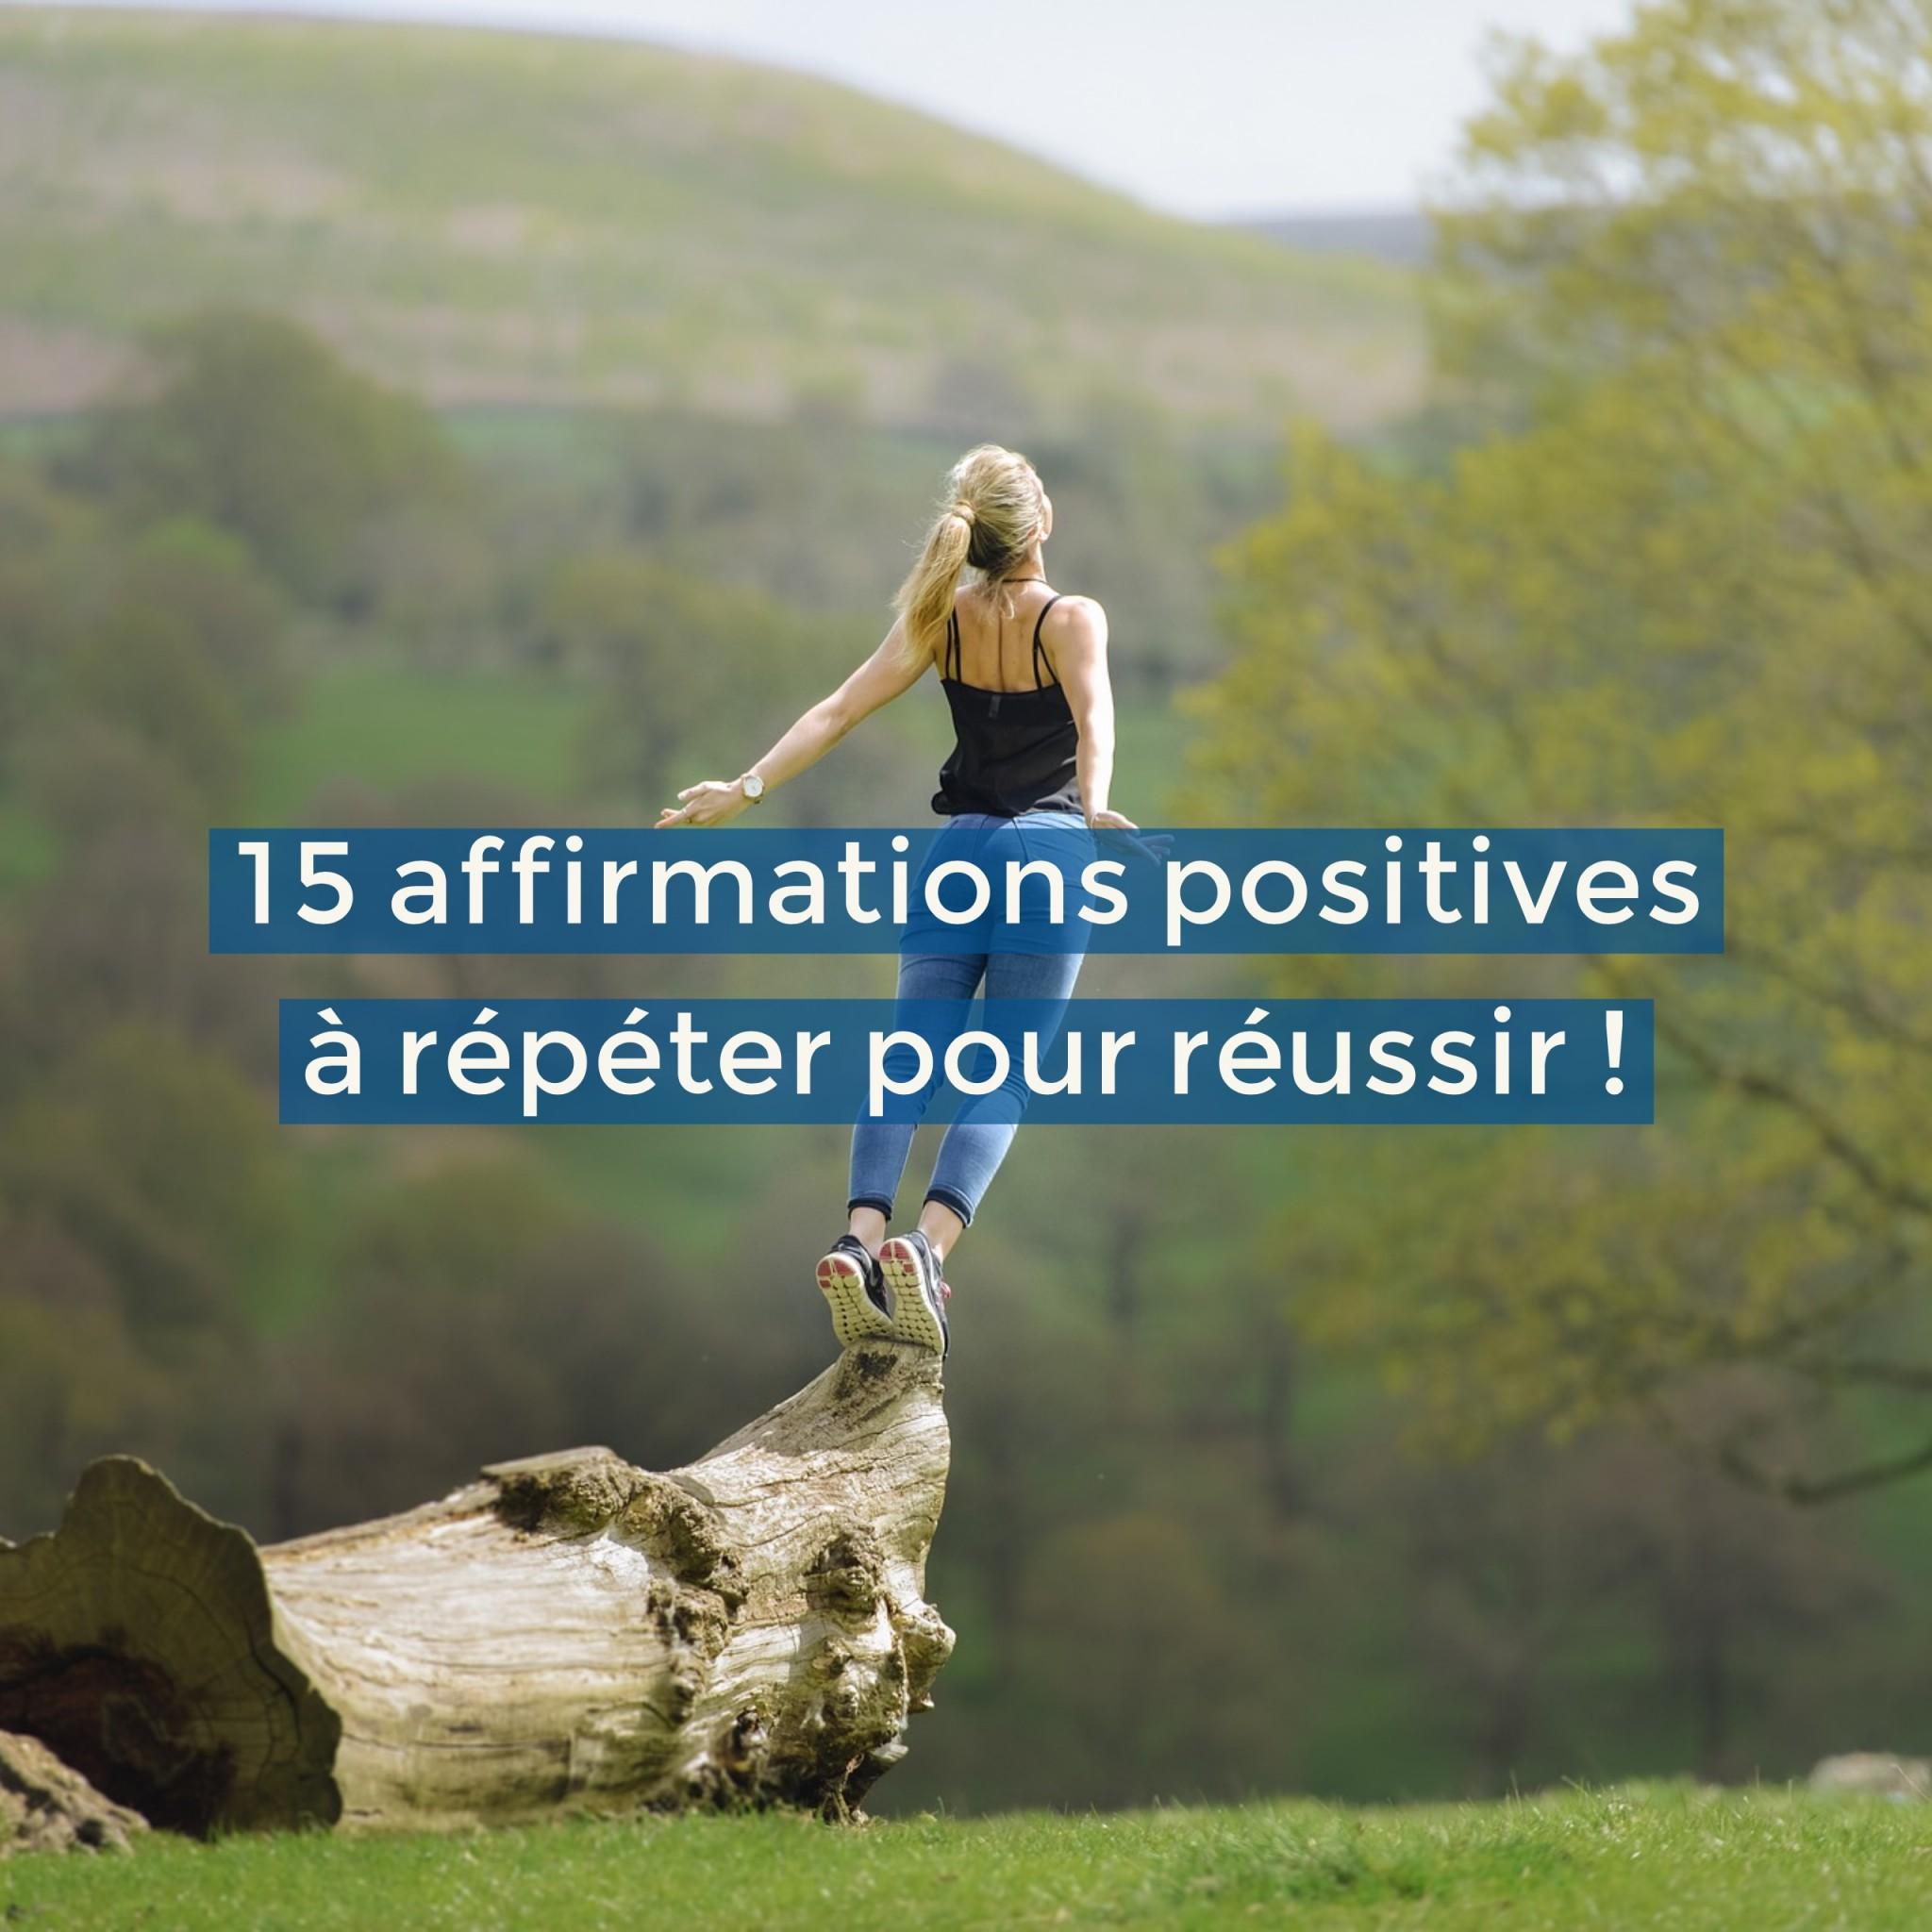 15 affirmations positives à répéter pour réussir !